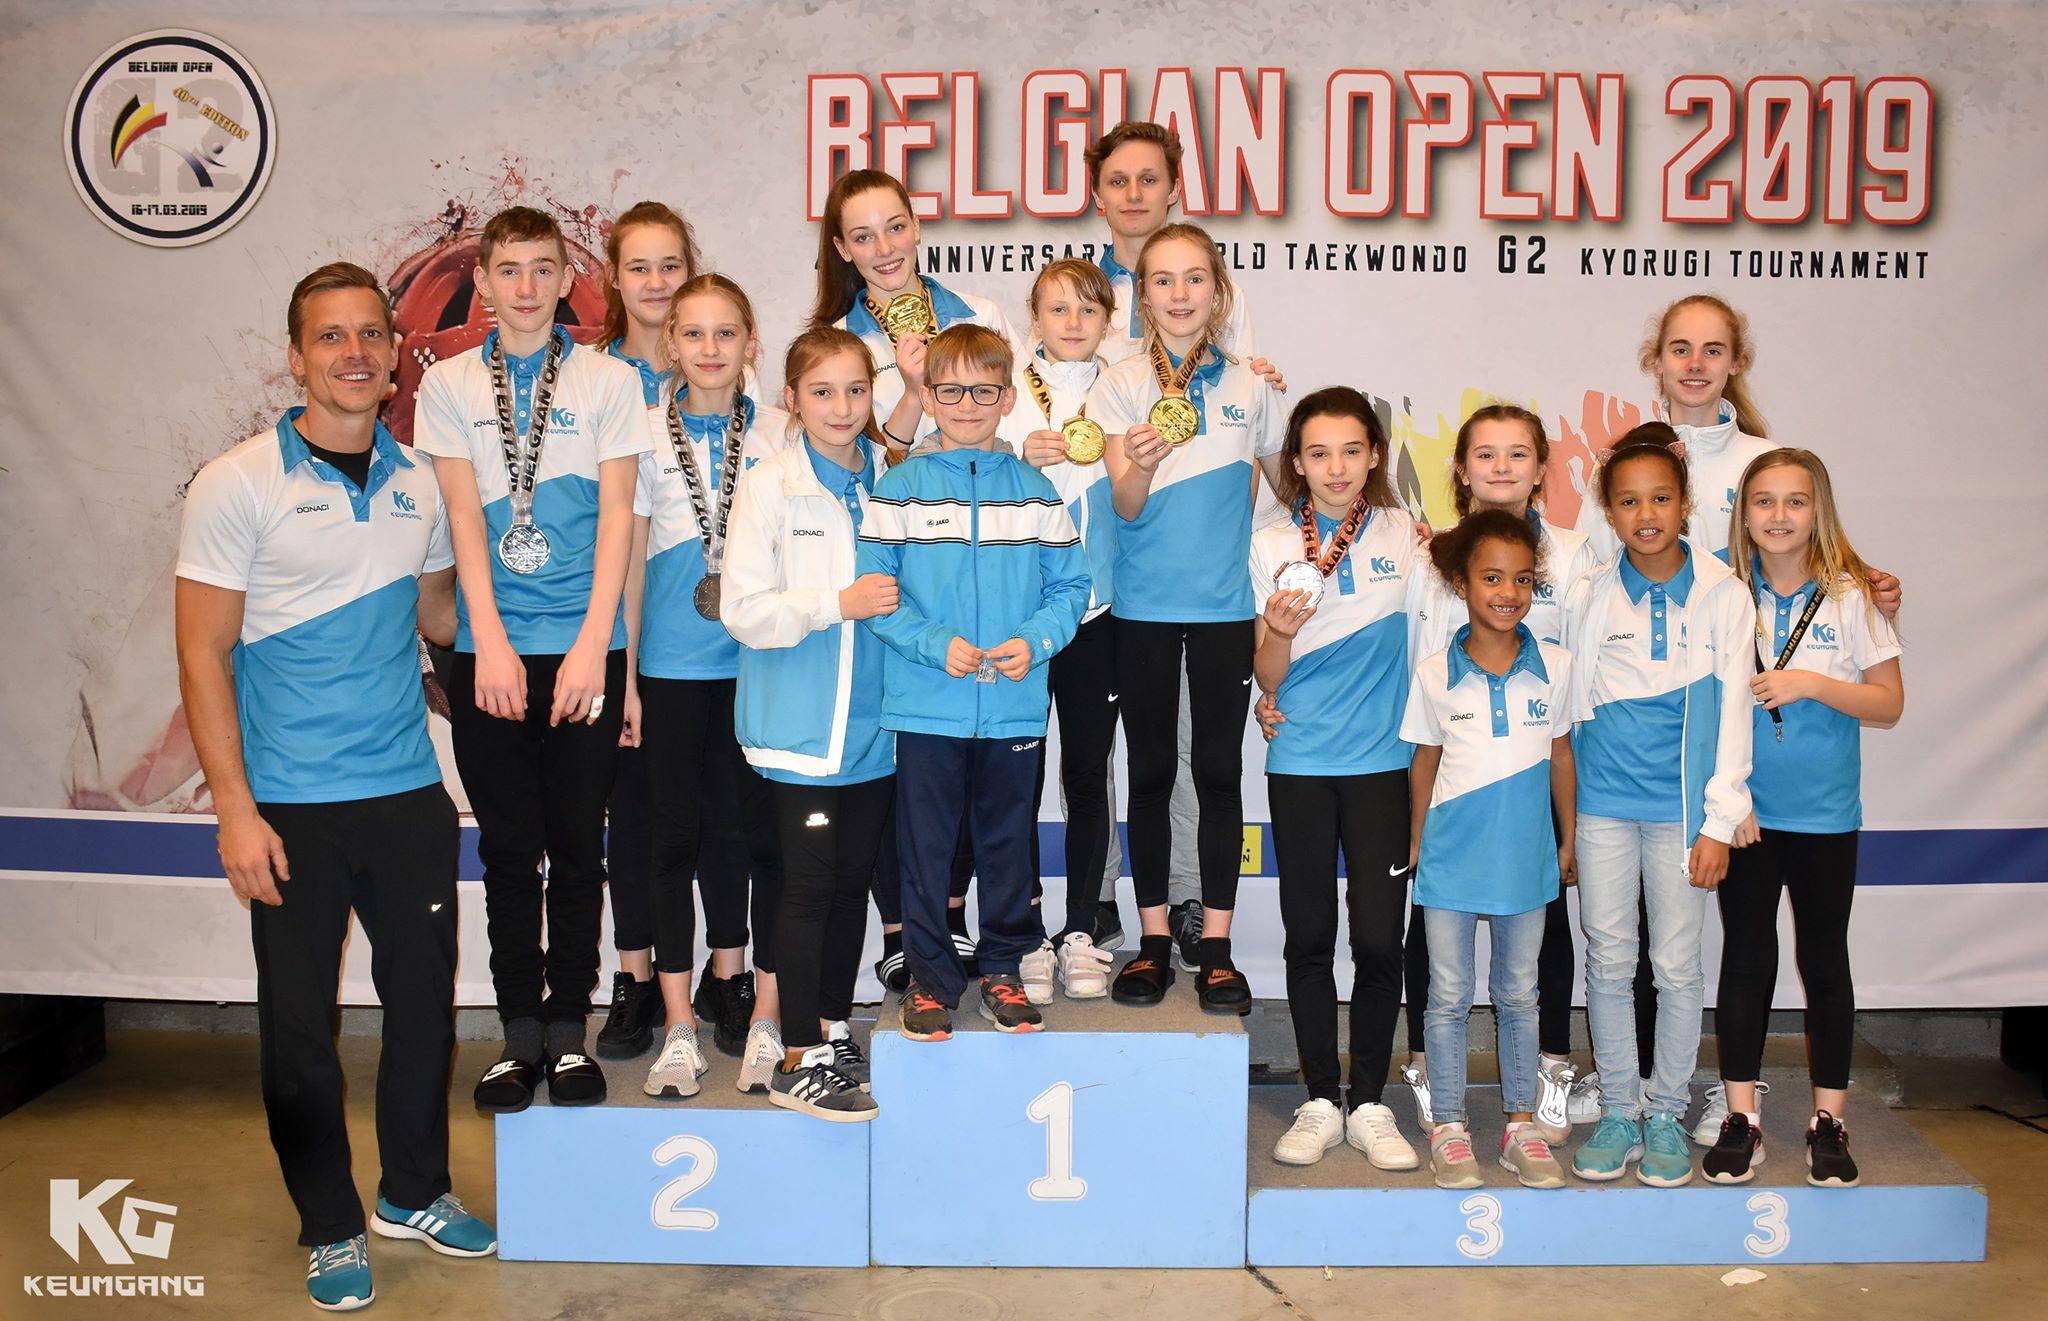 BelgianOpen-Belgium-Lommel-17.03.jpg